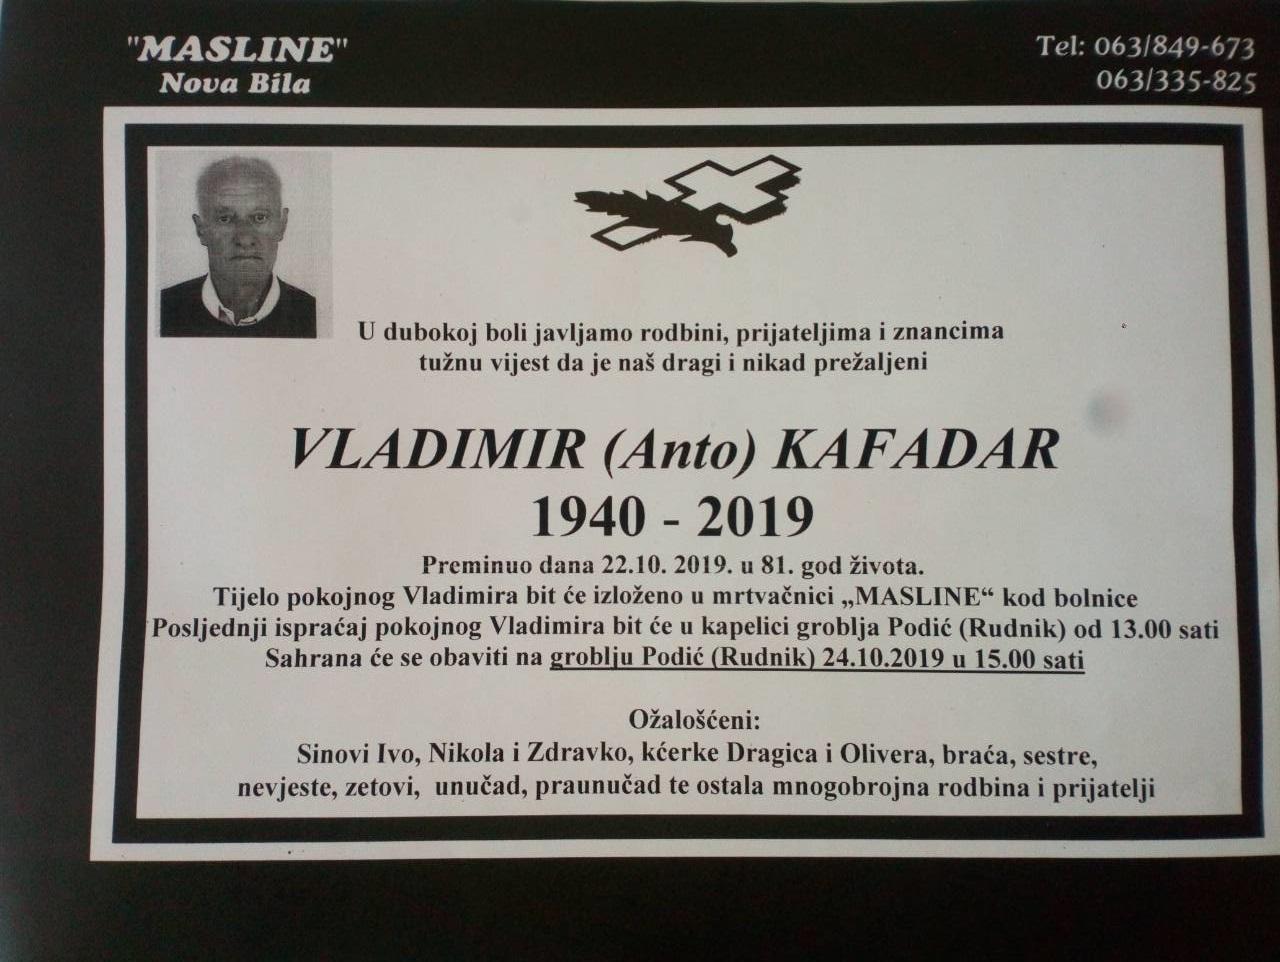 Pročitajte više o članku Vladimir Kafadar